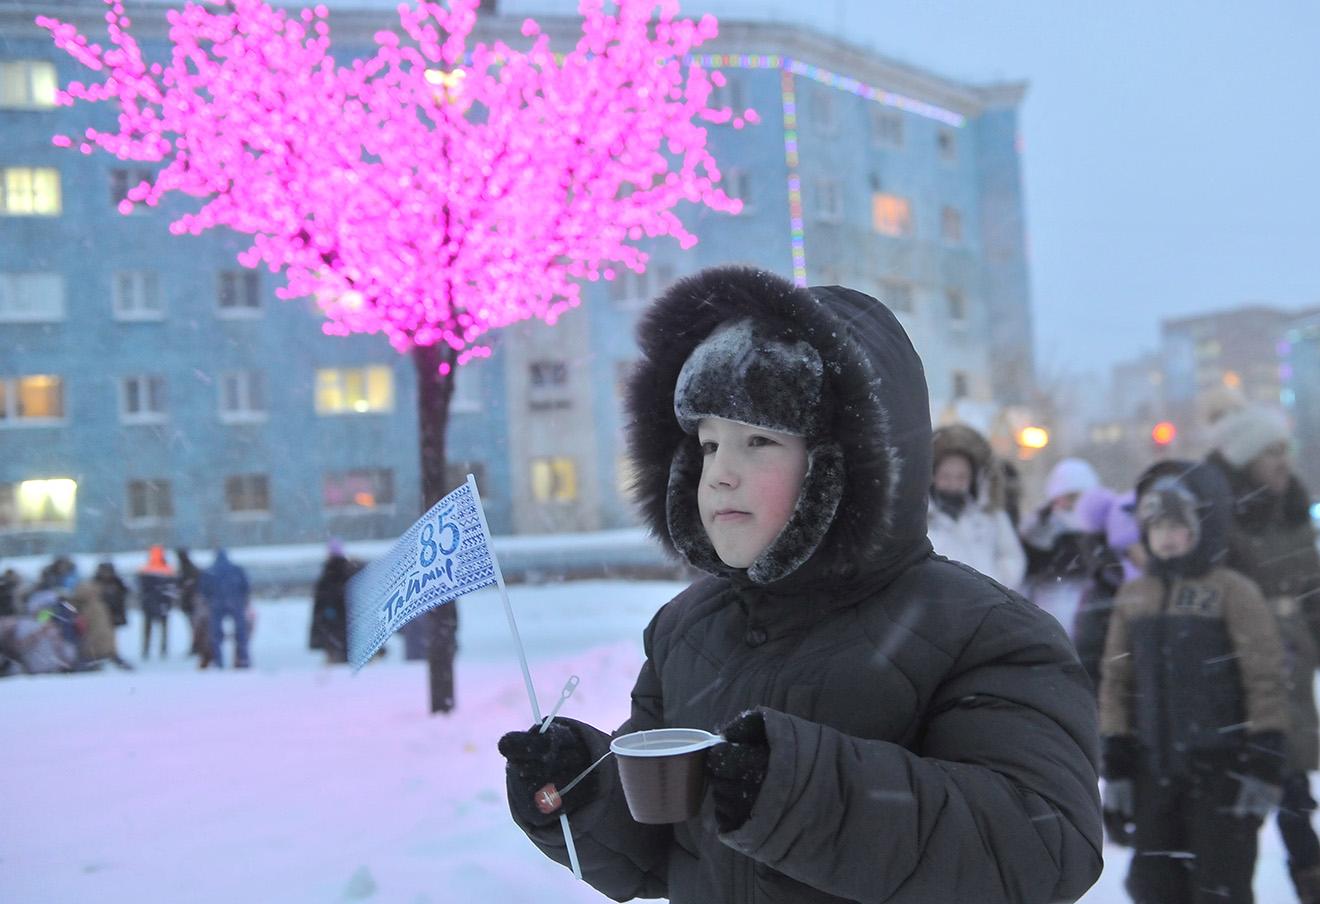 На одной из улиц Норильска. Фото: Денис Кожевников / ТАСС